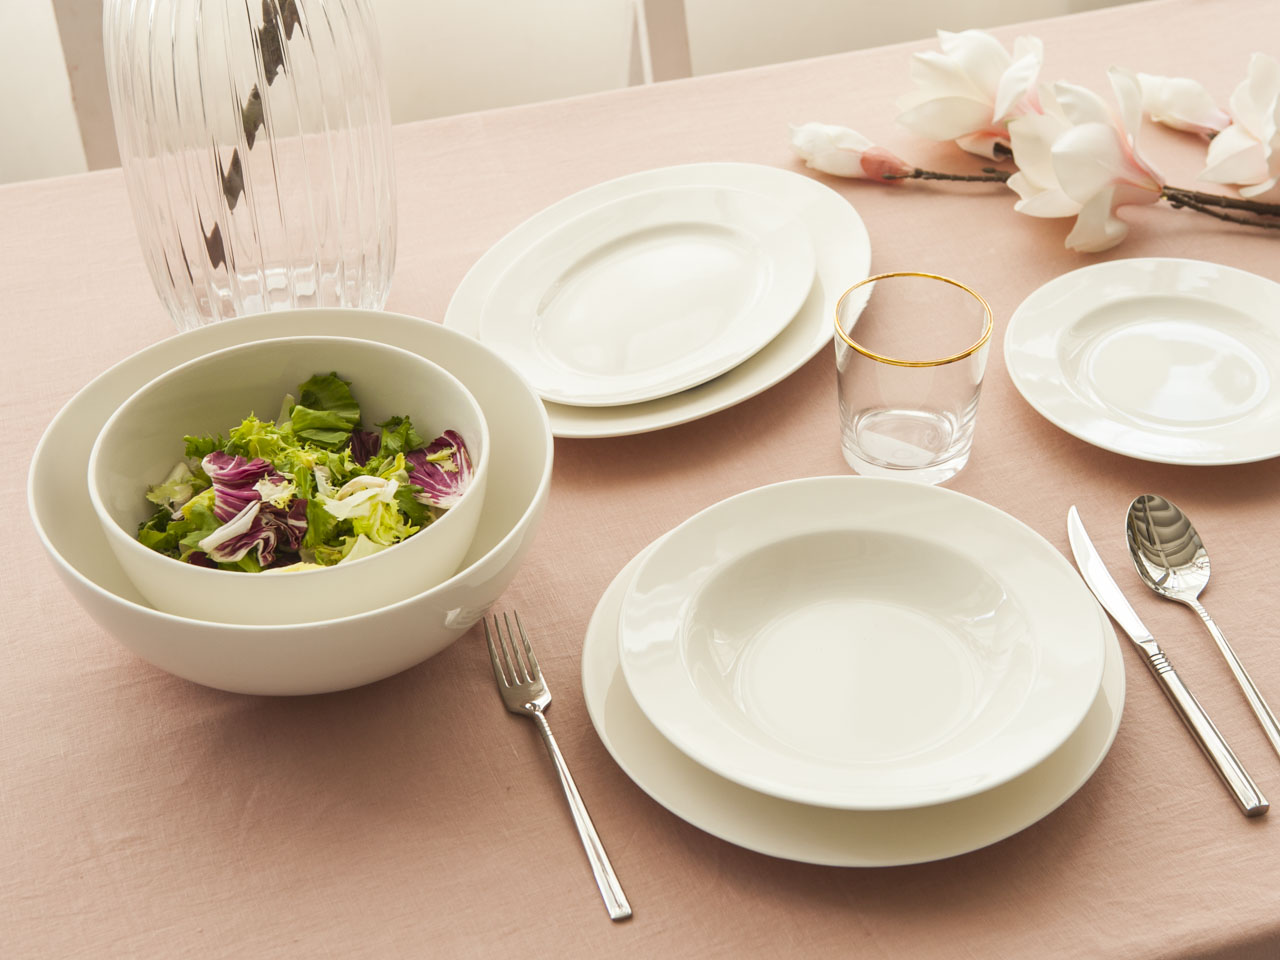 Serwis / Zestaw obiadowy na 6 osób MariaPaula Ecru Nova (23 elementy)